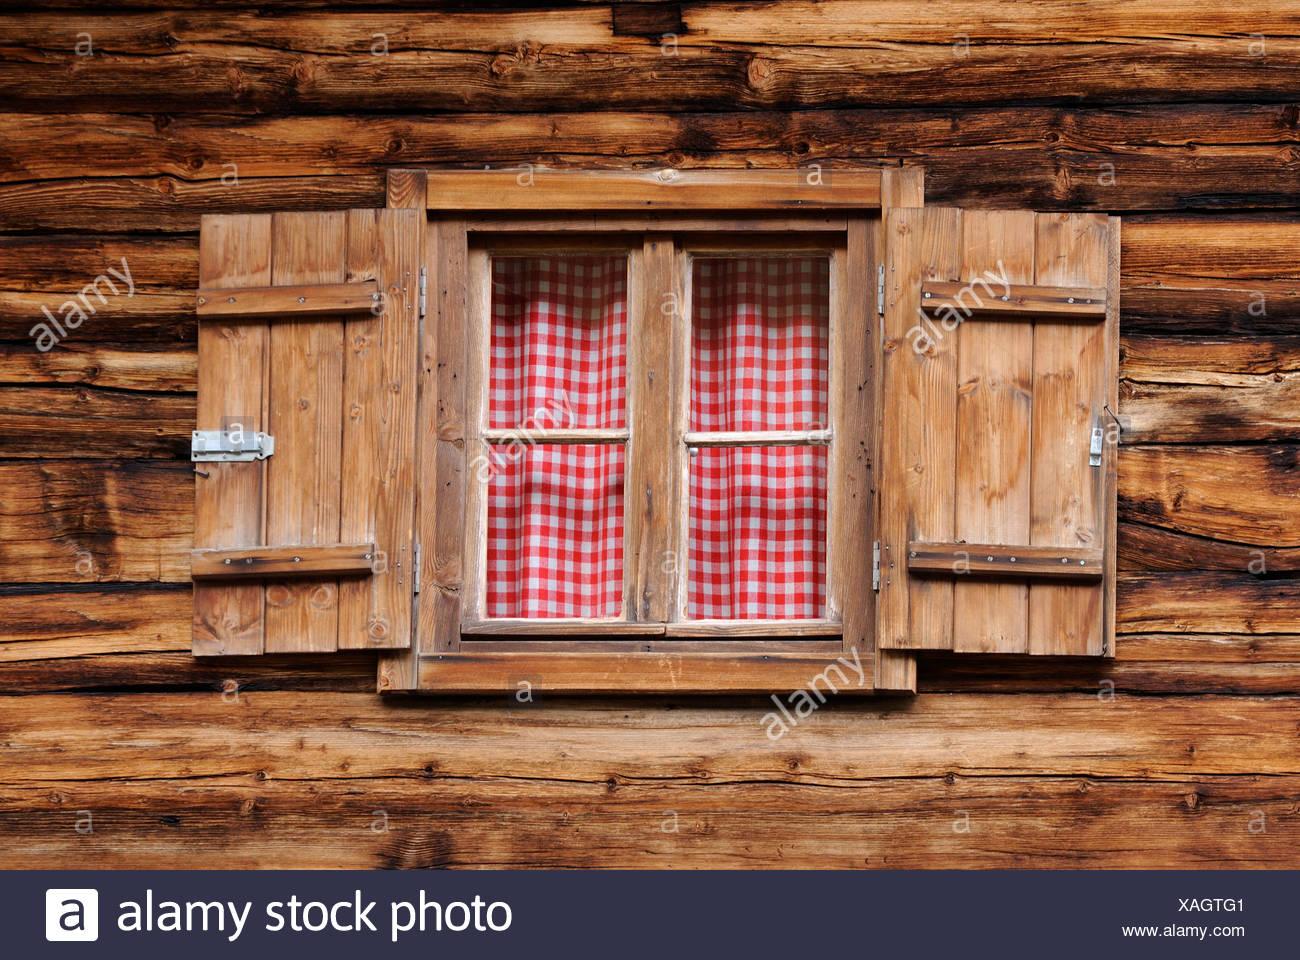 Europa, Austria, Vista de ventana Imagen De Stock